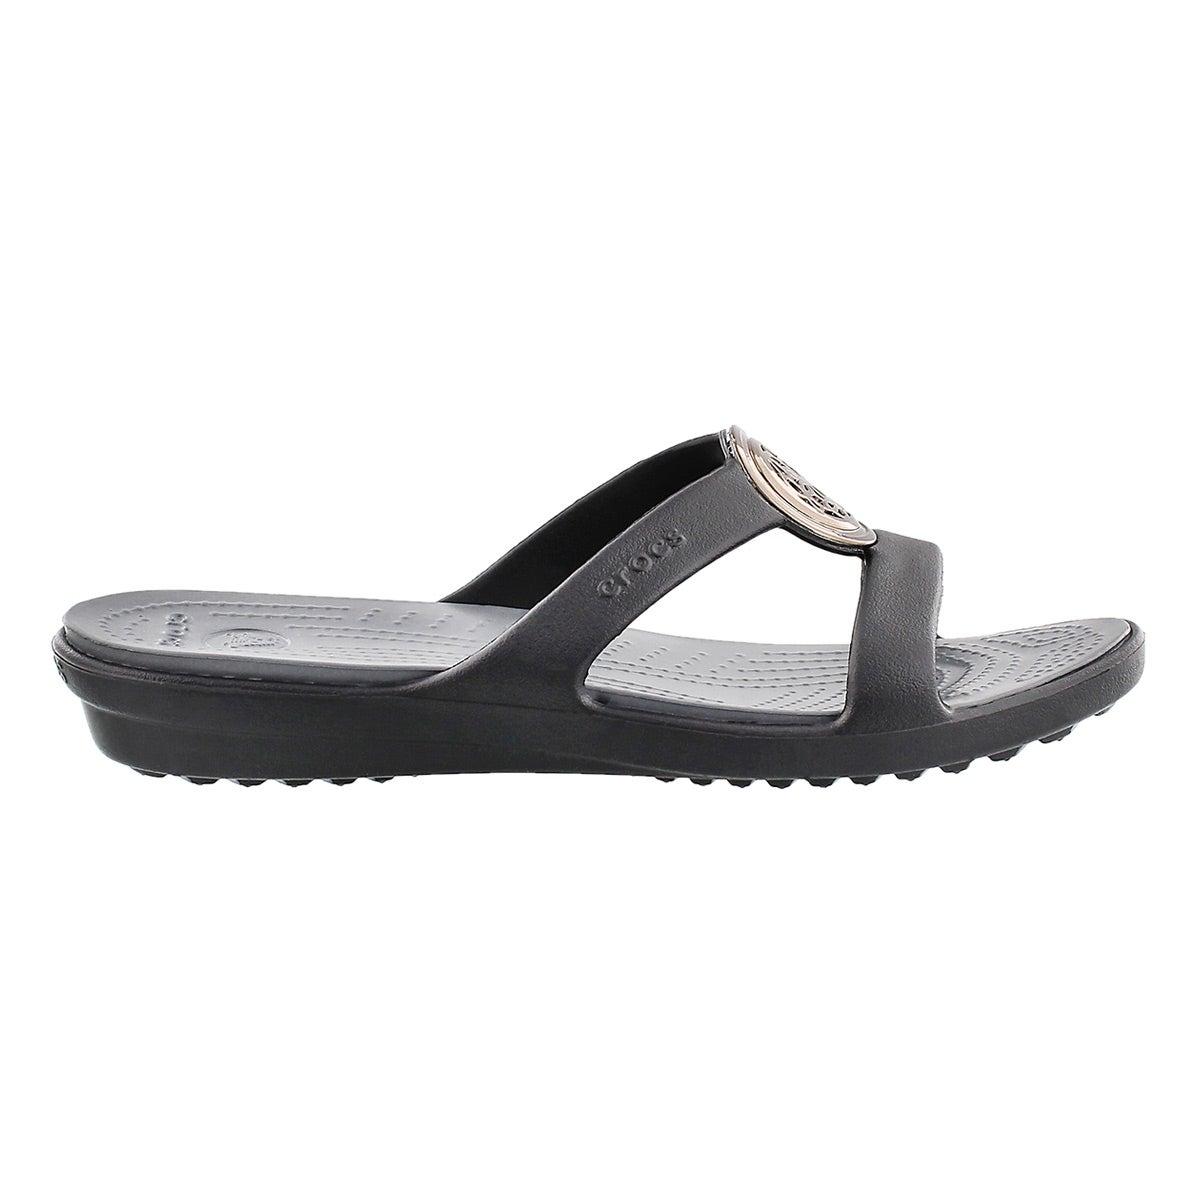 Lds Sanrah Circle black slide sandal